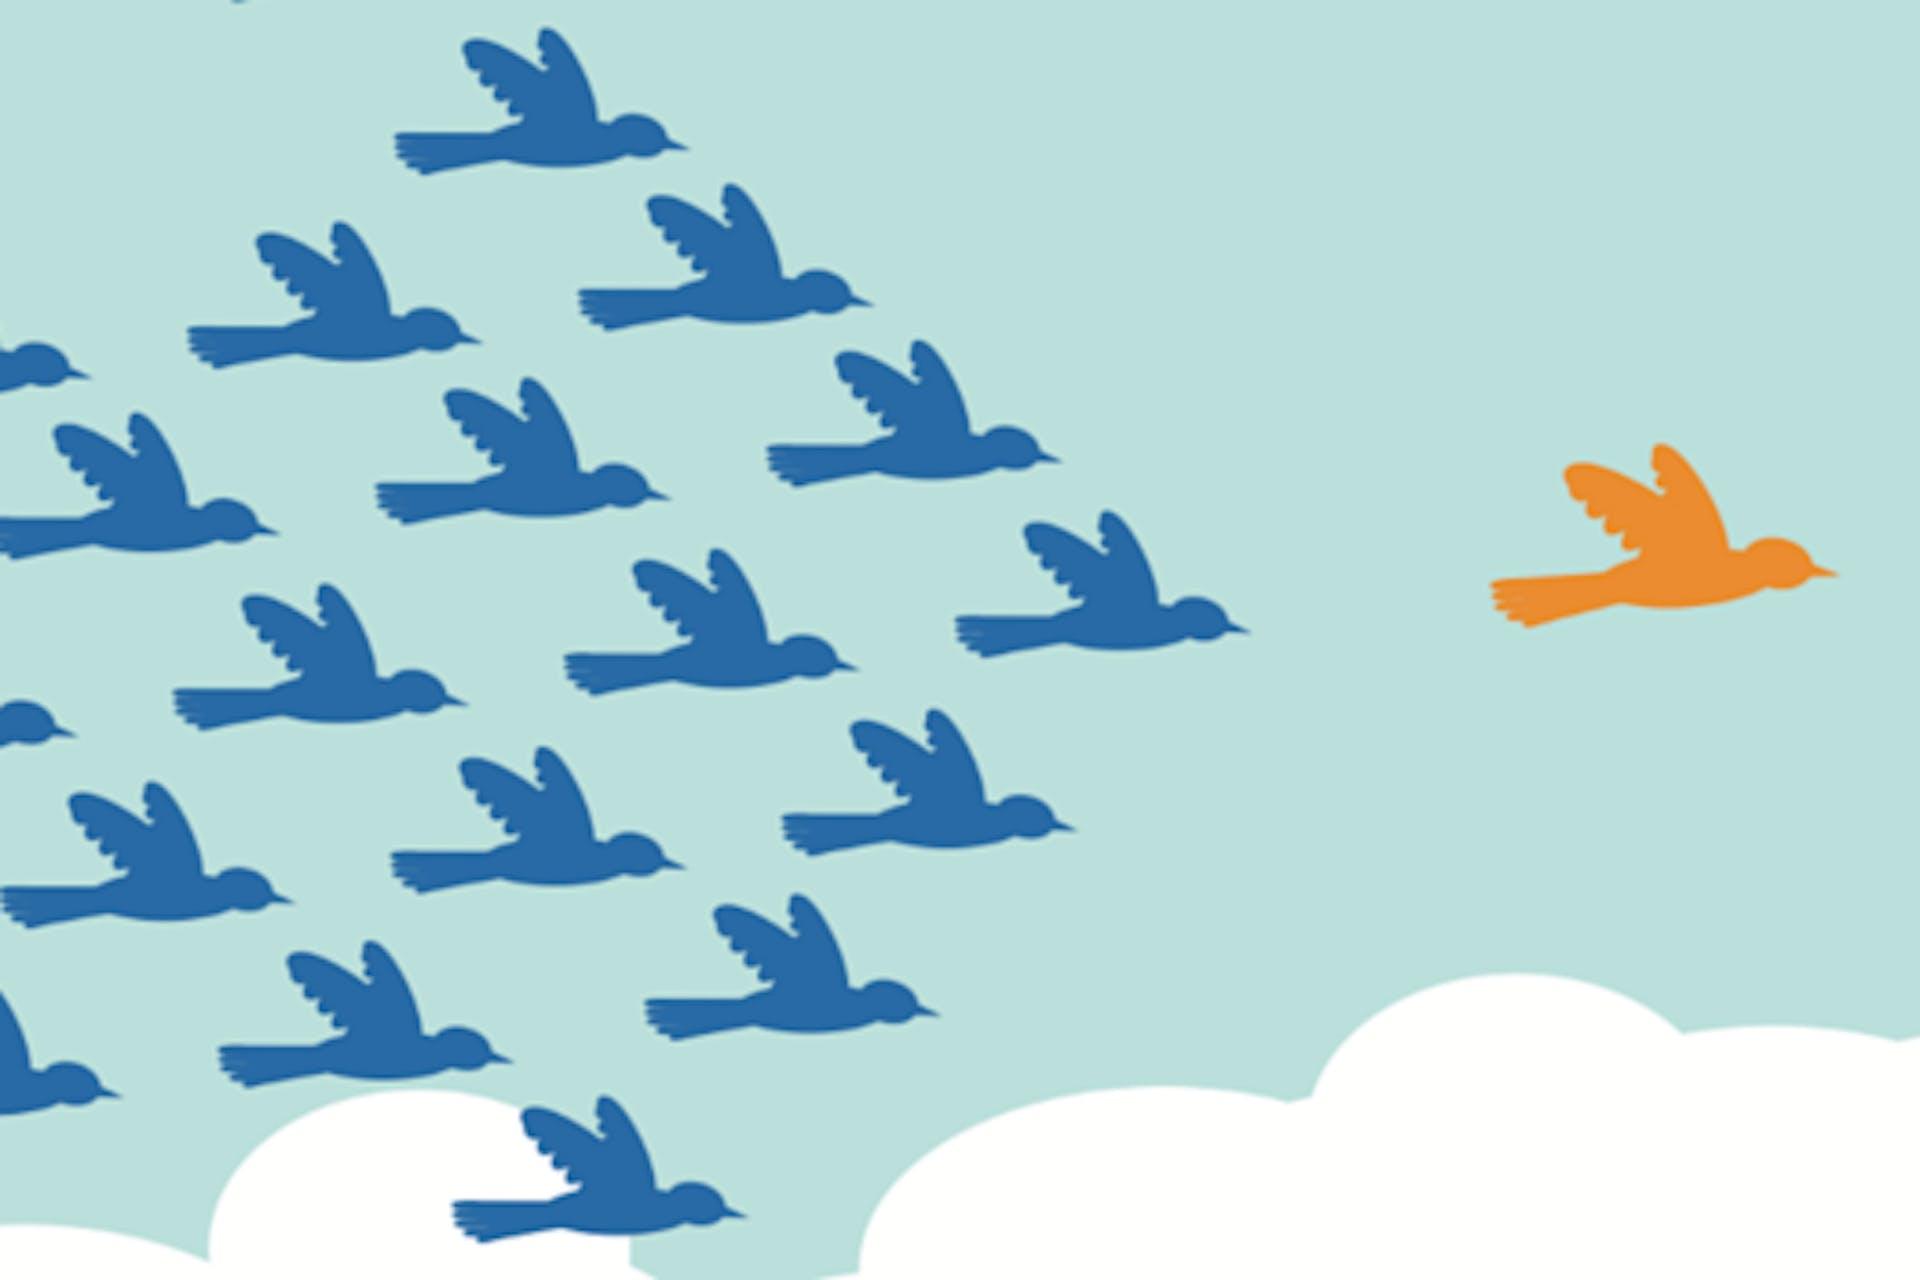 Yksi lintu lentämässä parven edellä